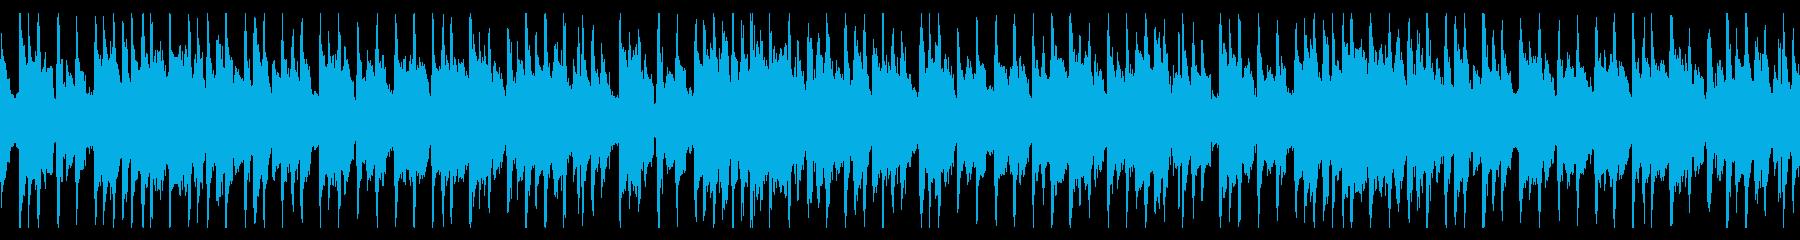 切ないピアノのリフ(ループ)の再生済みの波形